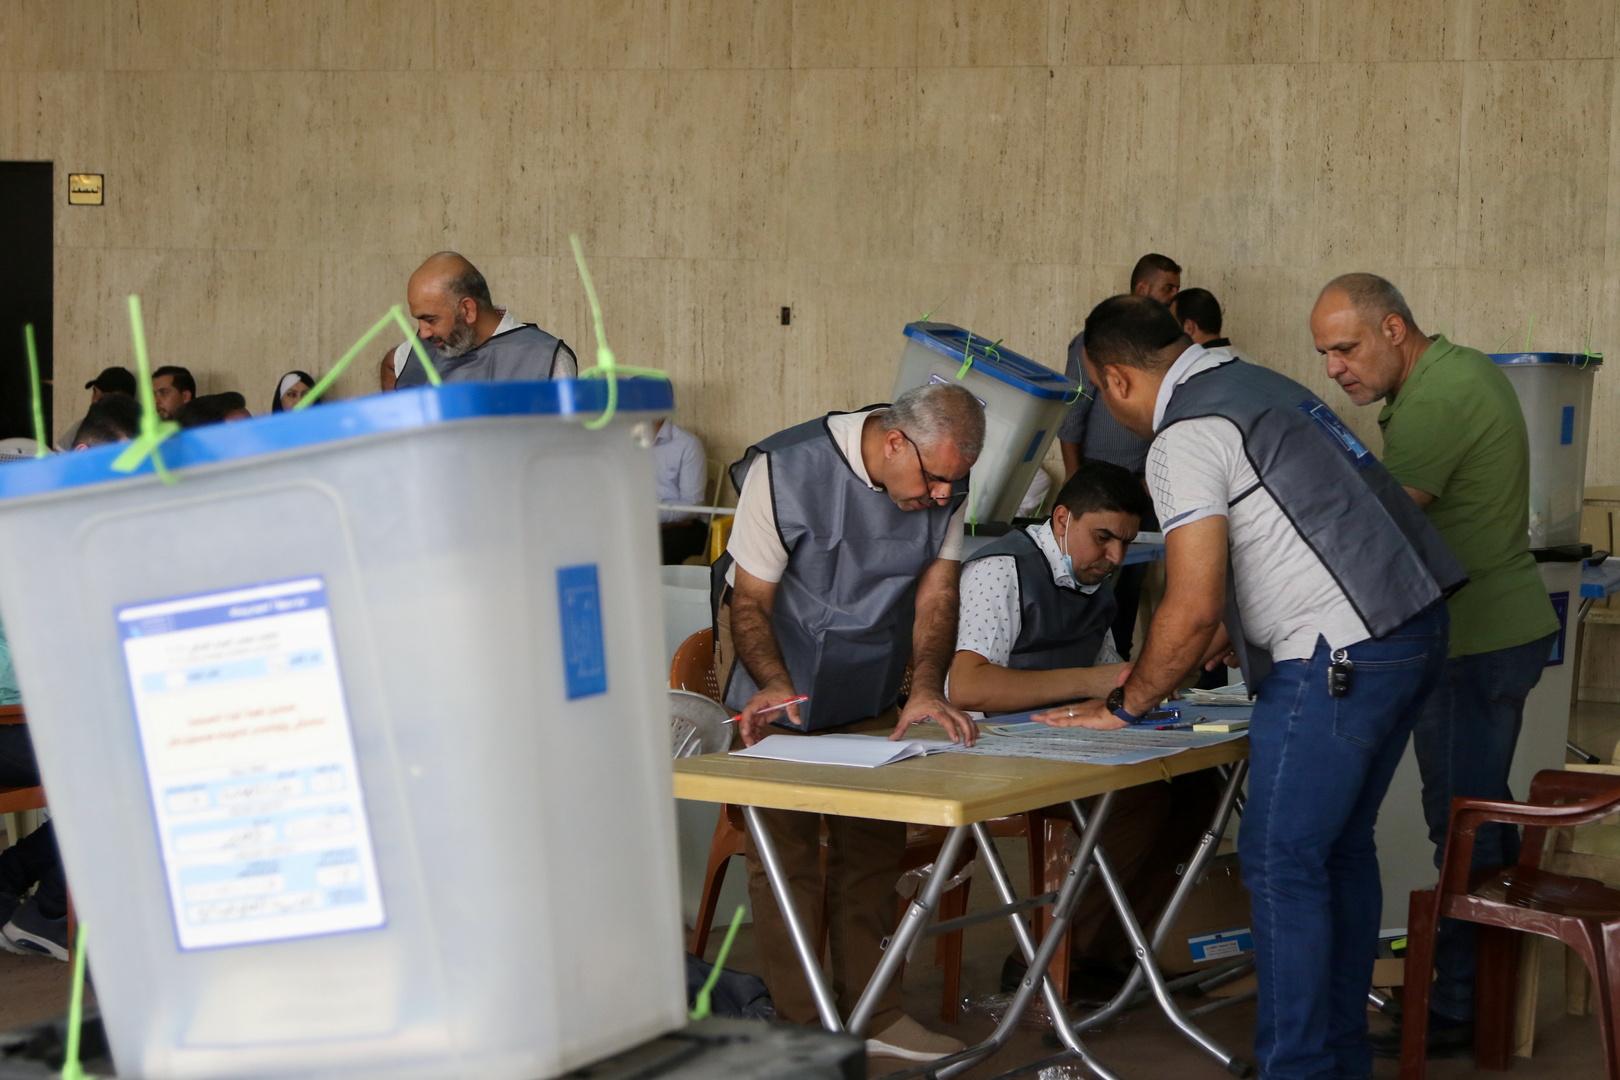 العراق.. حركتان سياسيتان تجهزان جماهيرهما للاحتجاج على نتائج الانتخابات